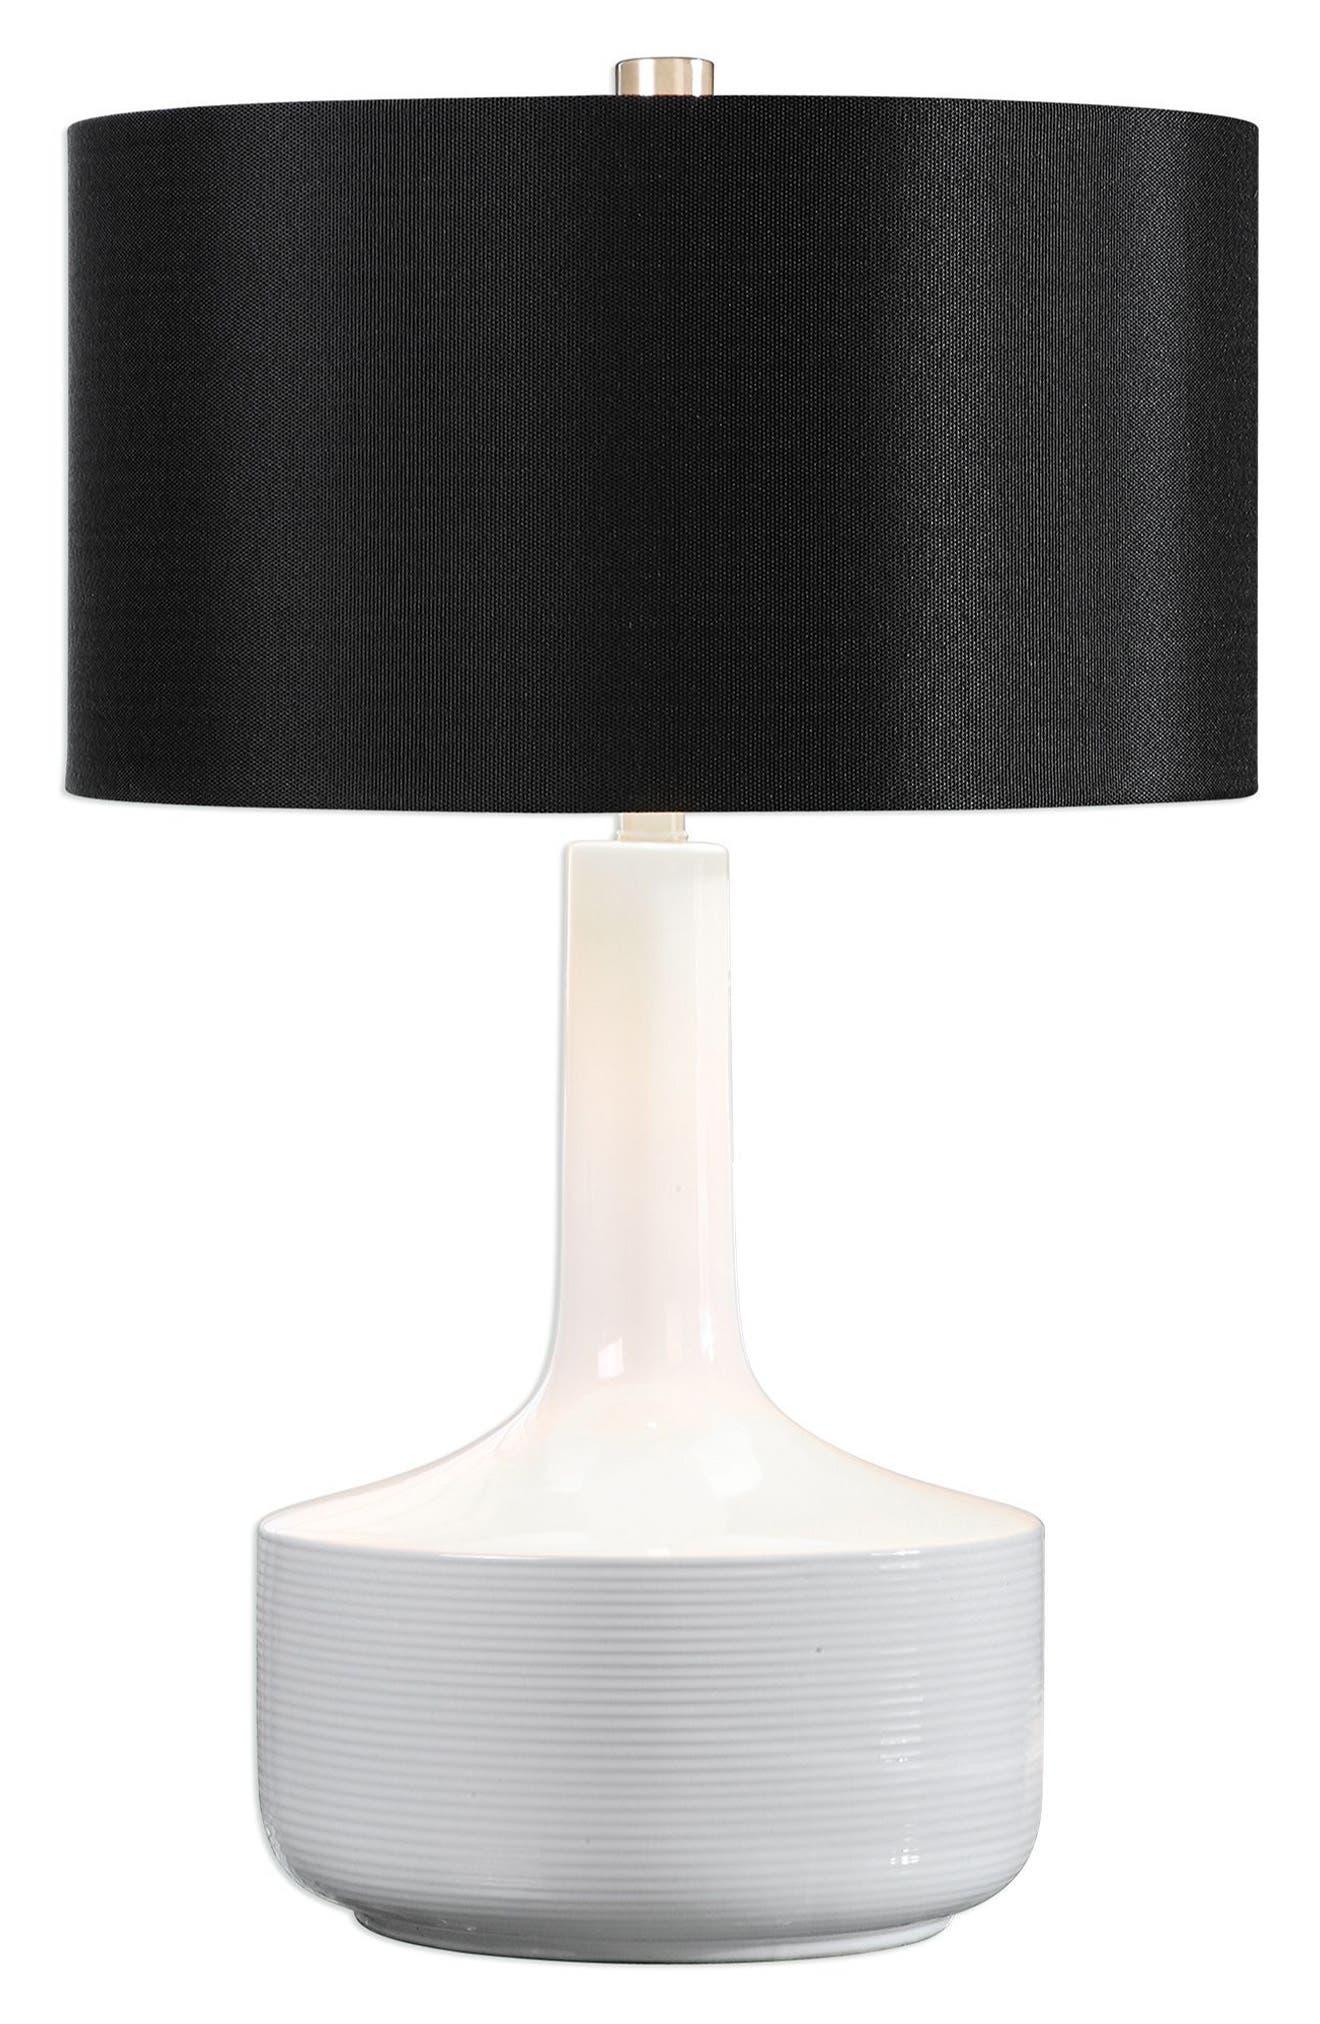 Alternate Image 1 Selected - Uttermost Drenova Table Lamp